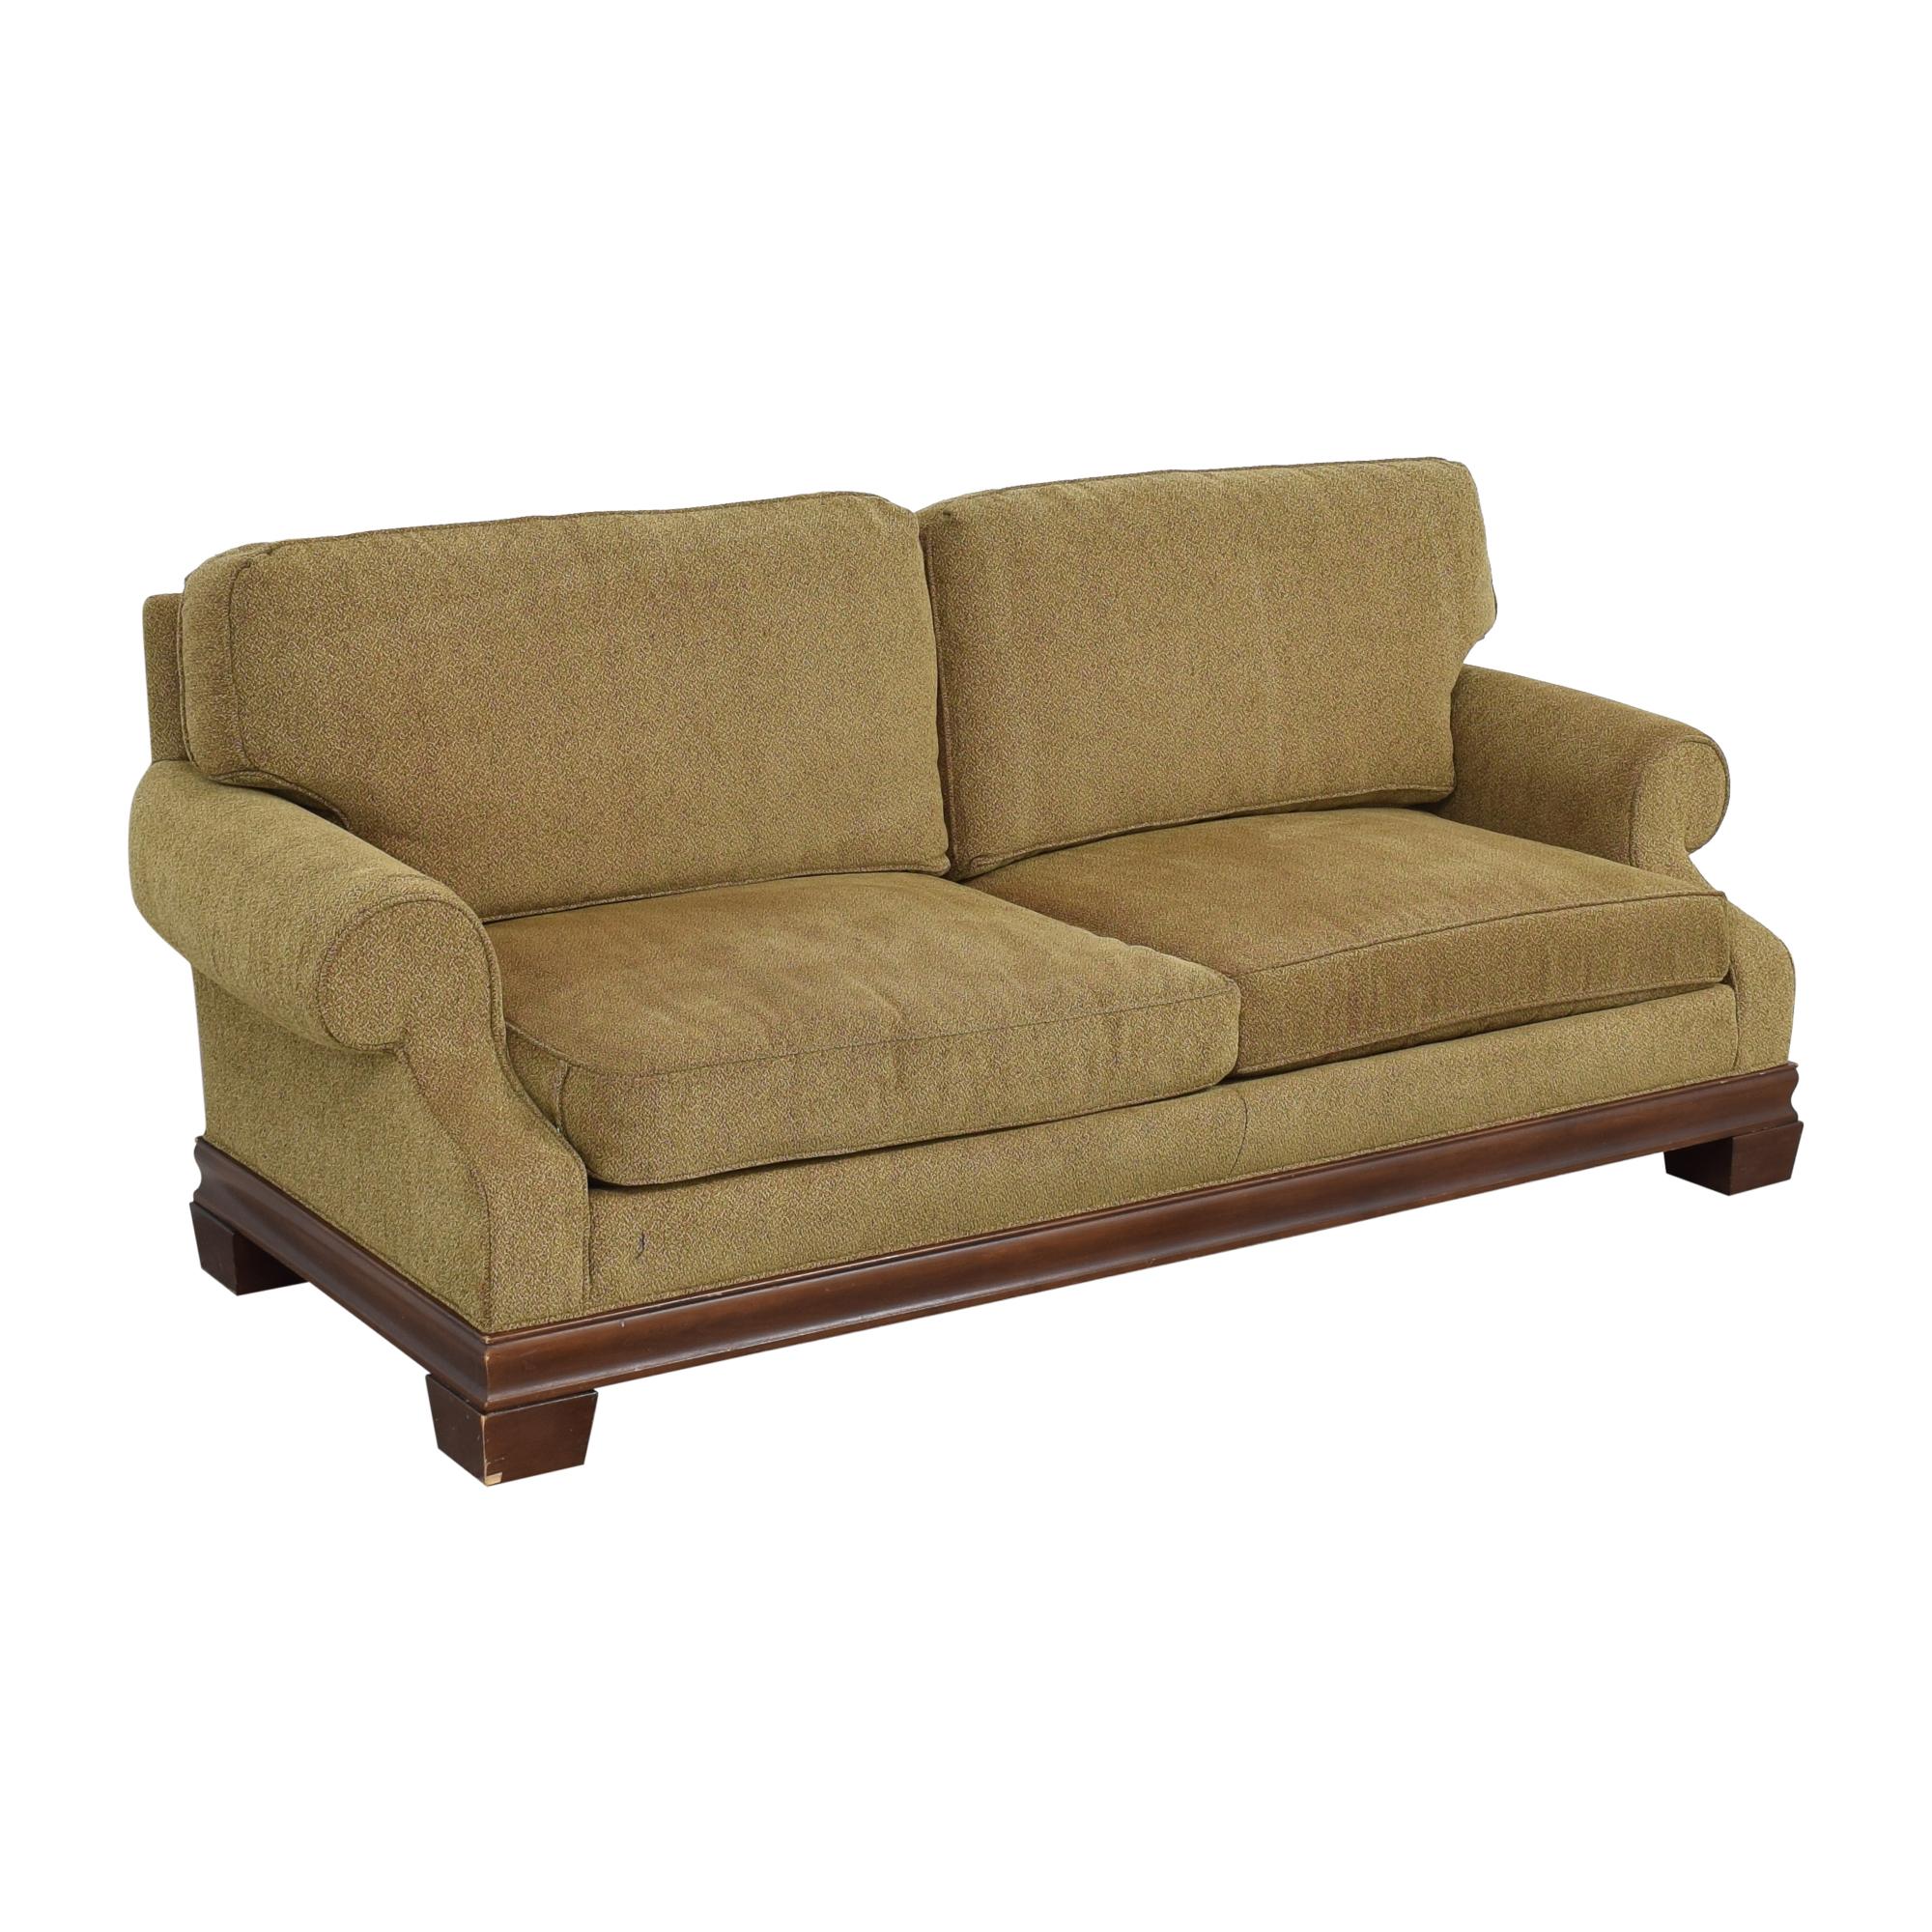 Custom Two Cushion Roll Arm Sofa